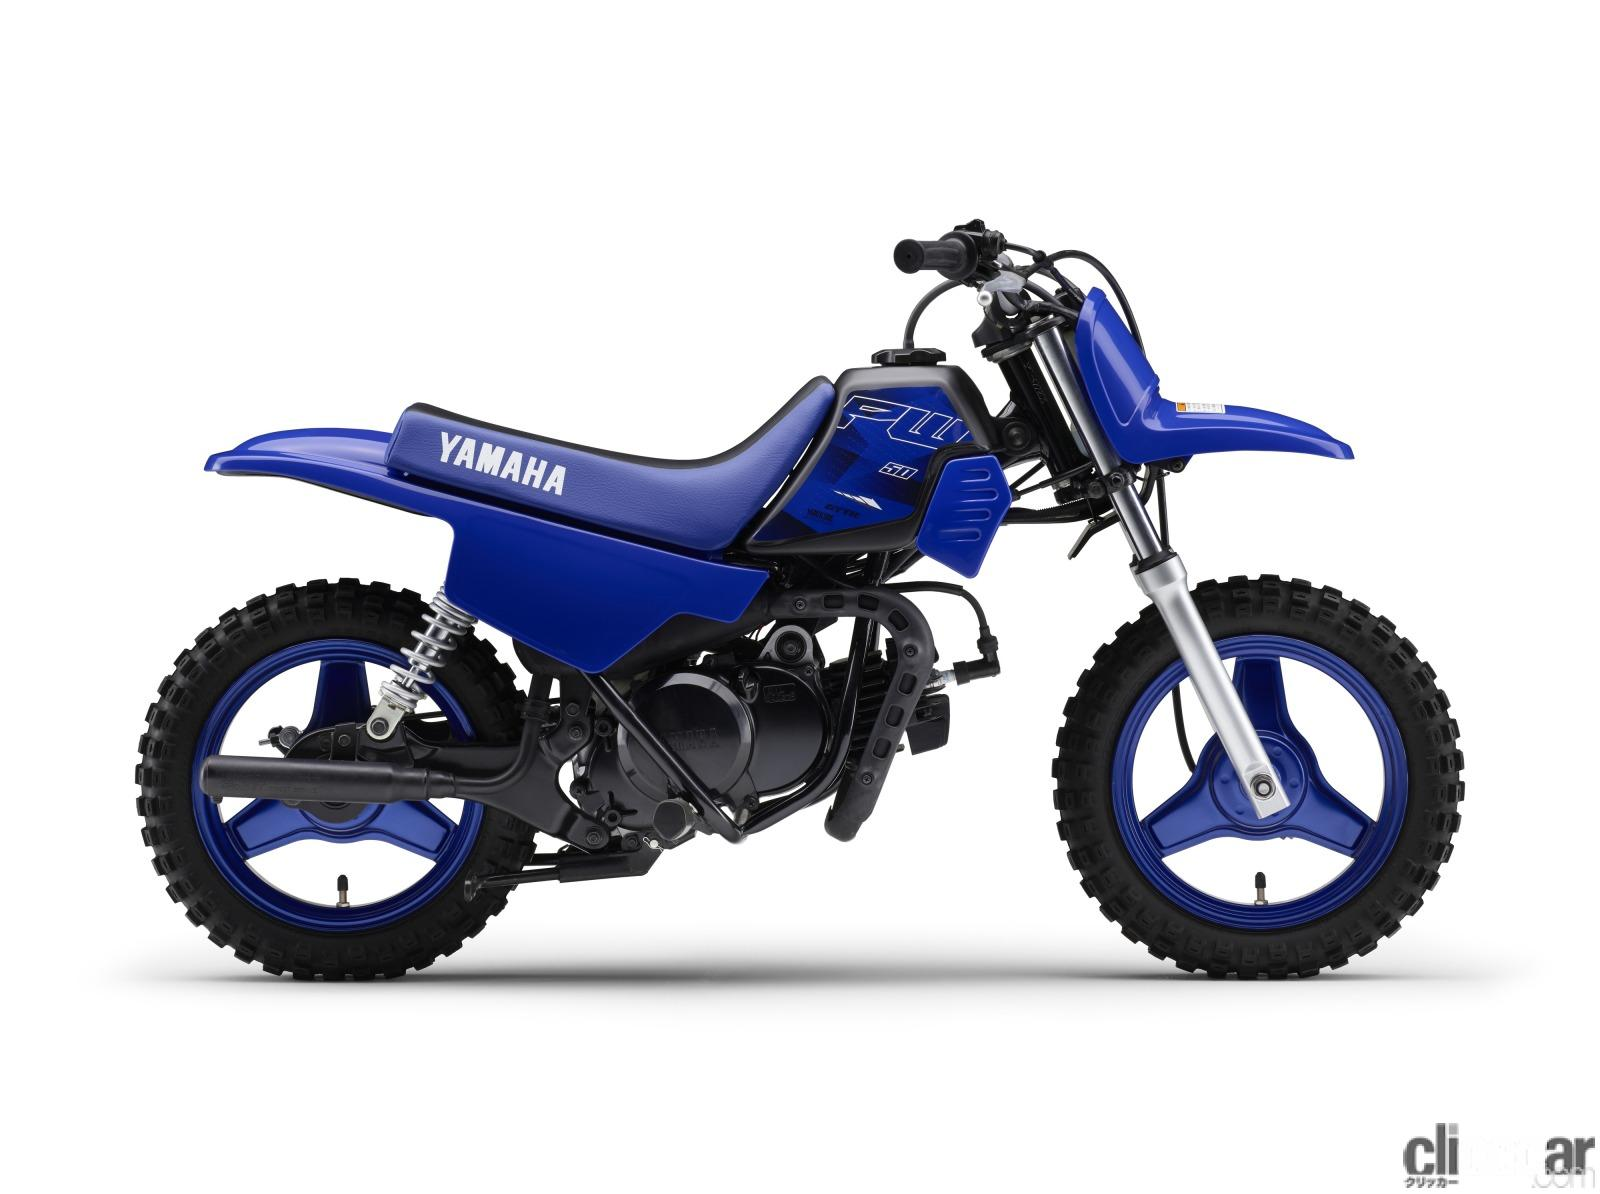 「オフロード走行を楽しむキッズ向けファンバイク 「PW50」の2022年モデルが登場!」の1枚目の画像